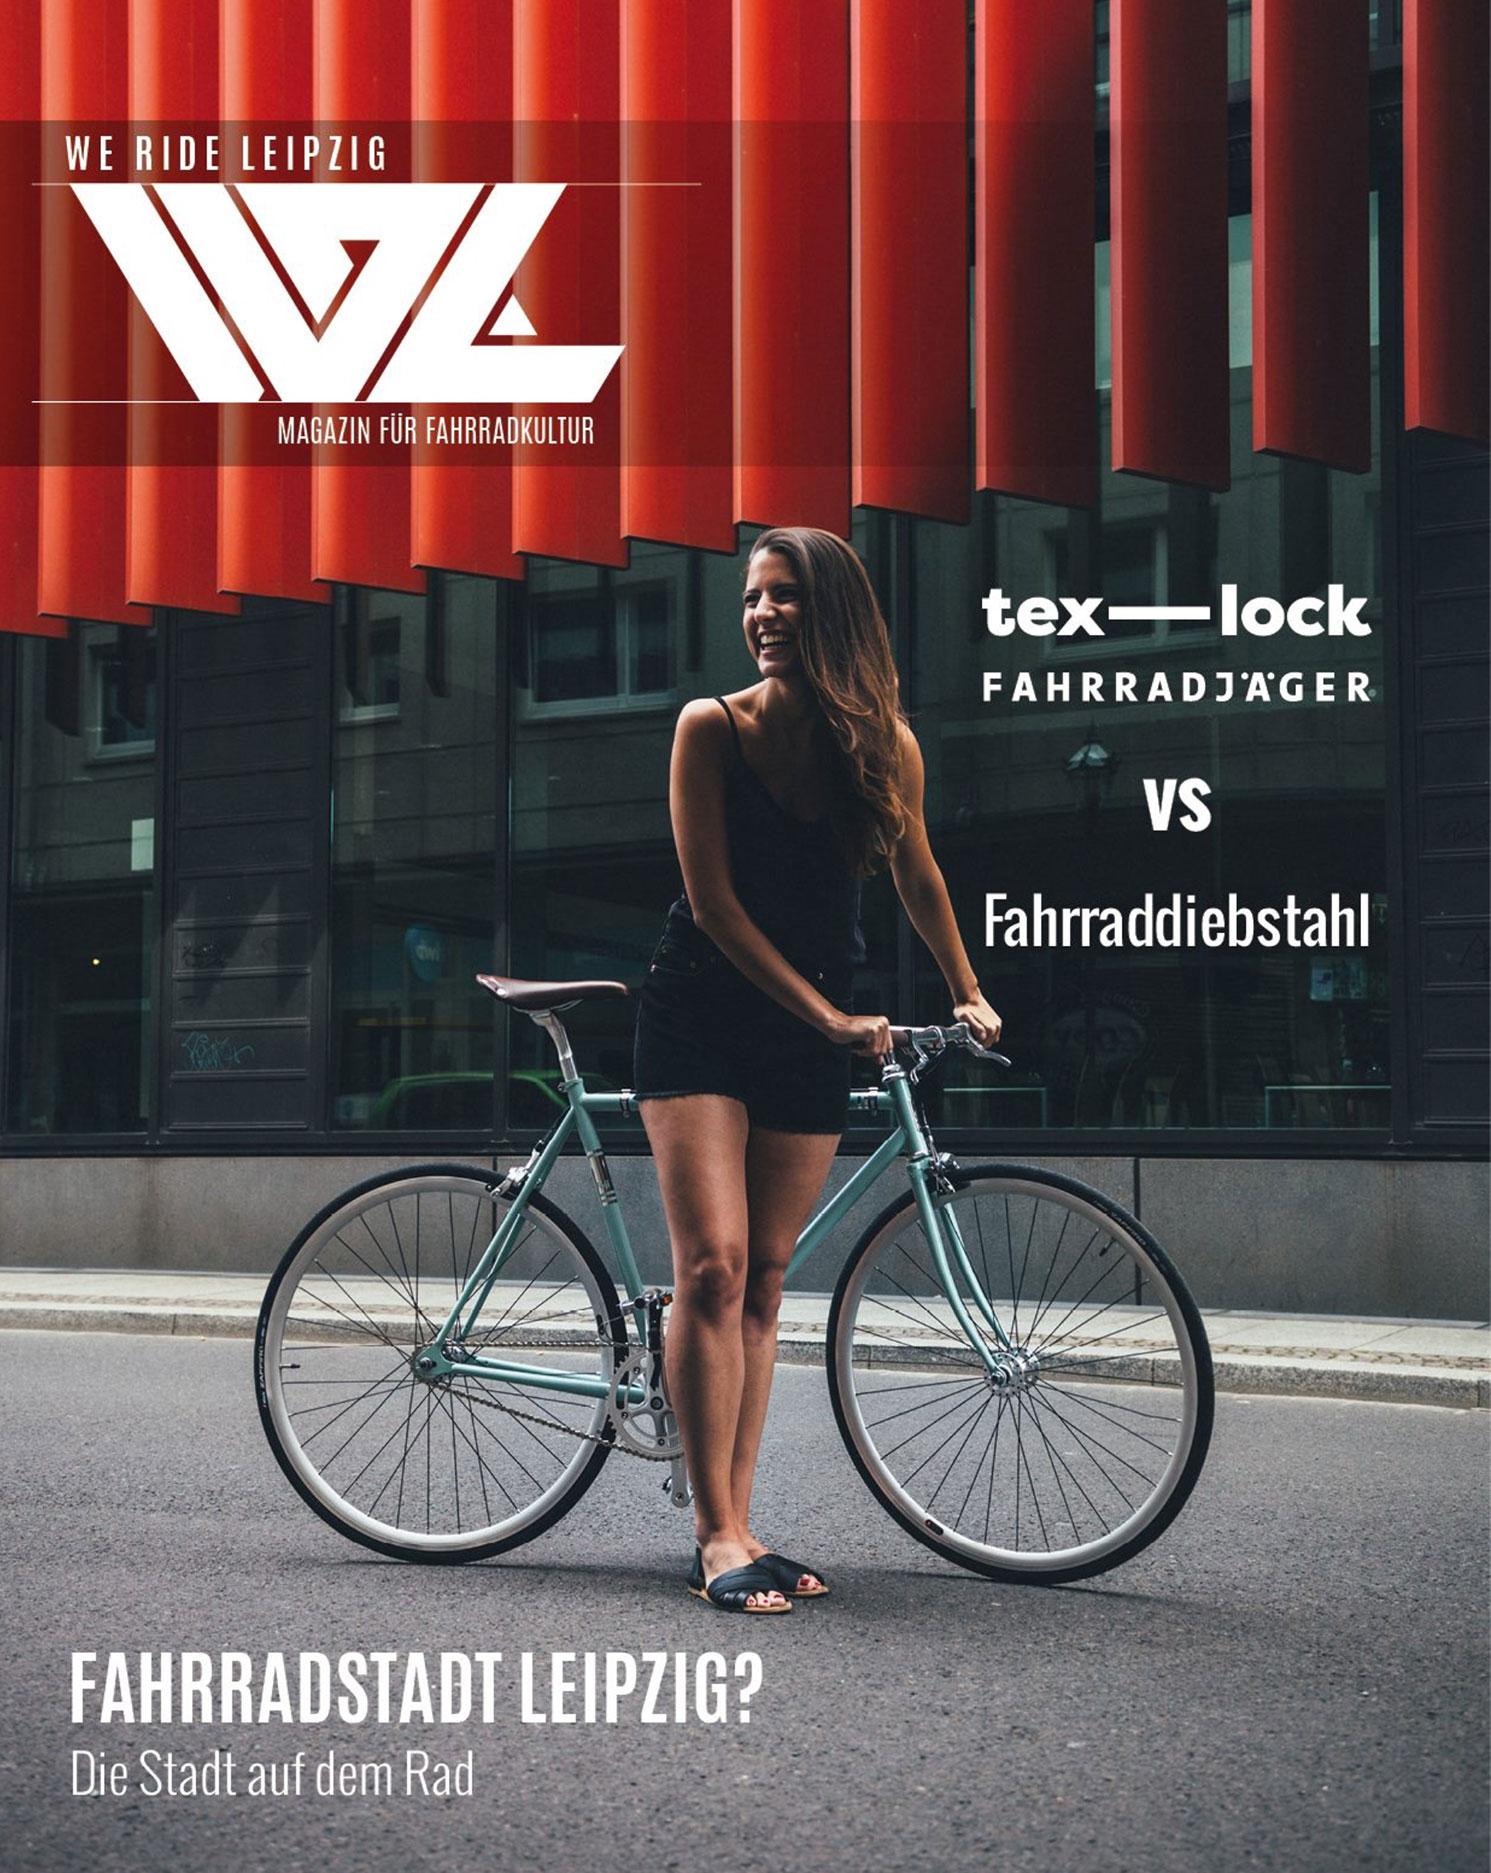 02-fahrradstadt-leipzig-behet-bondzio-lin-architekten.jpg